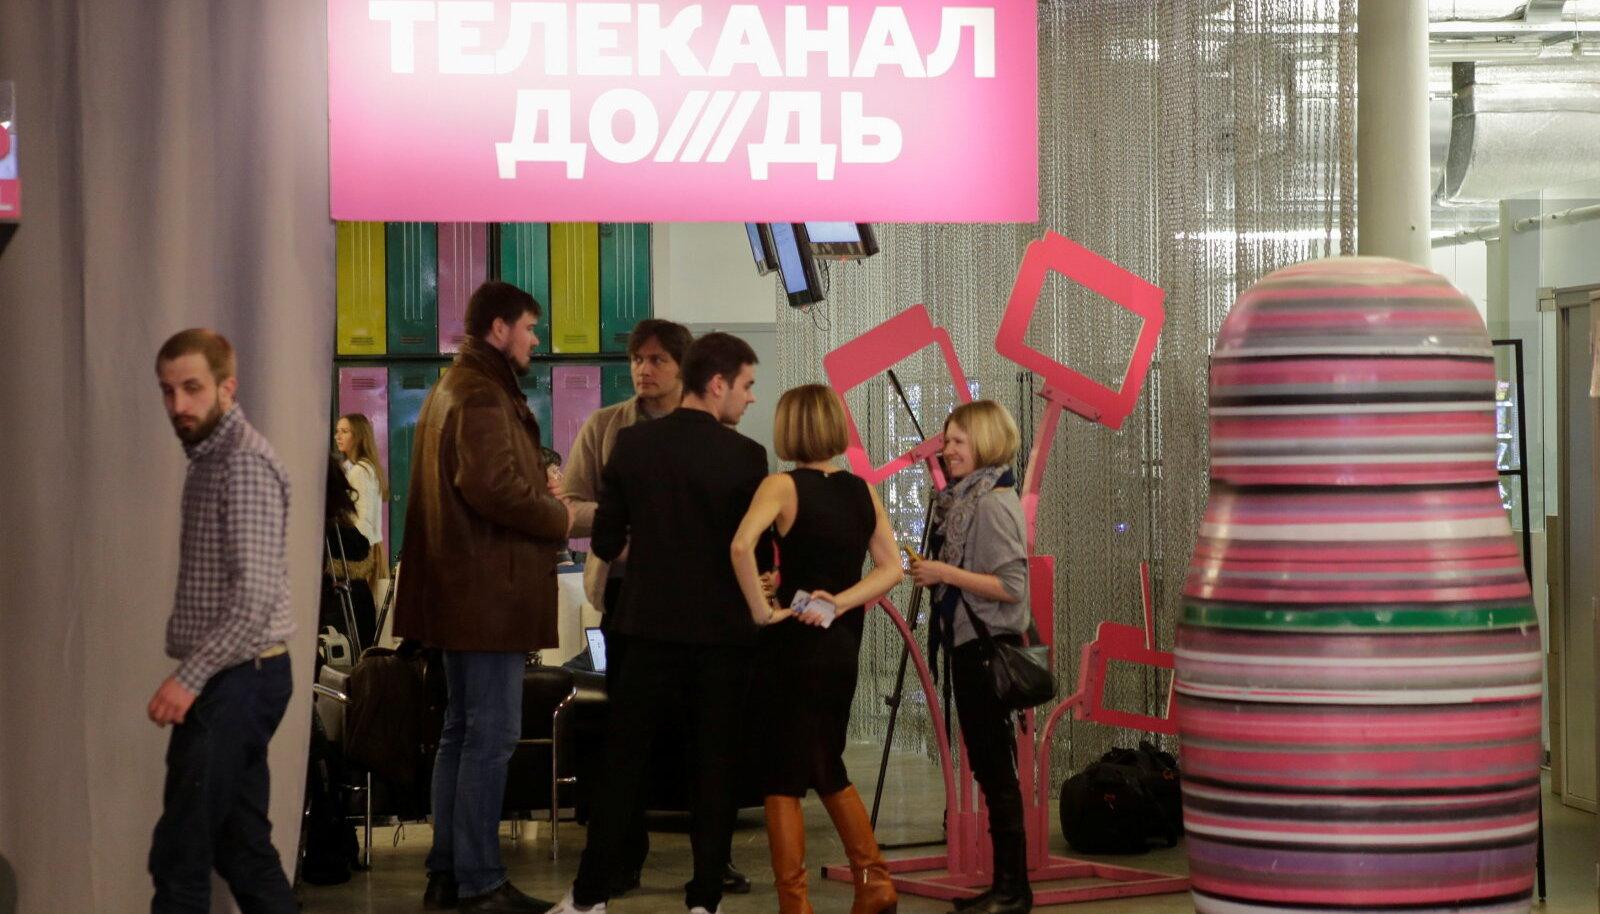 Telekanali Dožd toimetus Moskvas.